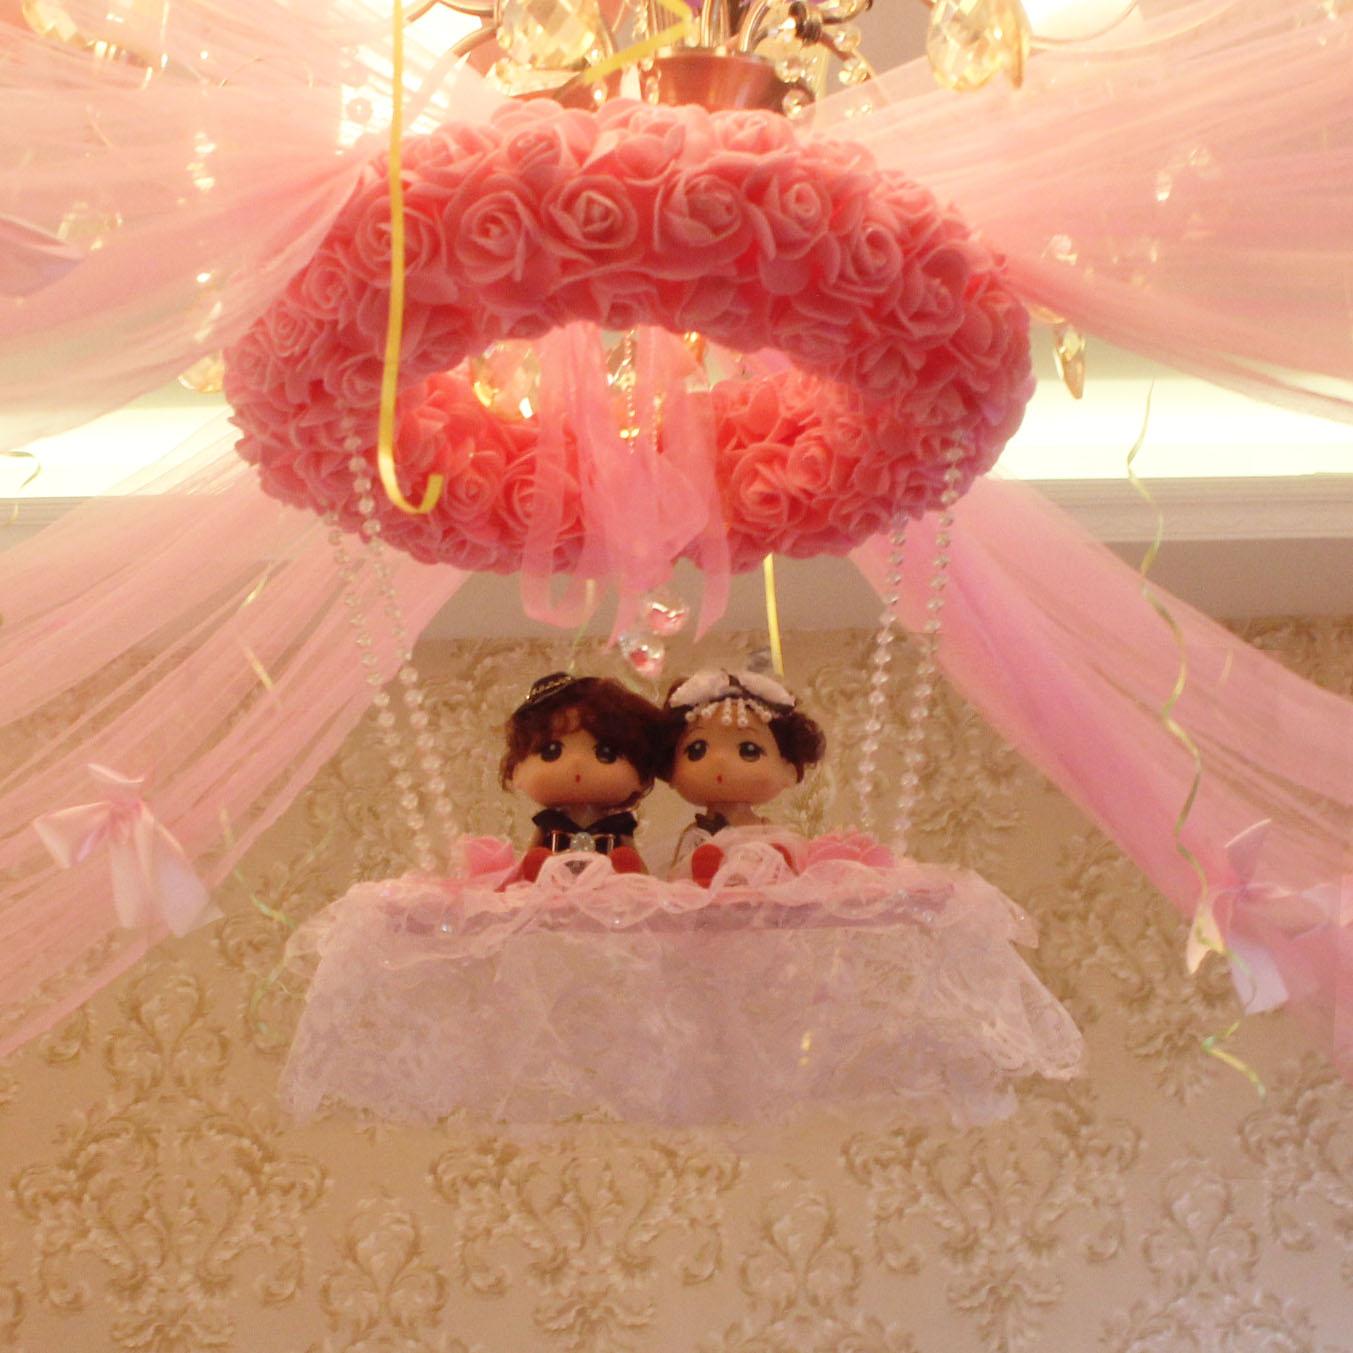 婚庆结婚用品婚礼浪漫婚房装饰新房布置拉花房间挂饰图片